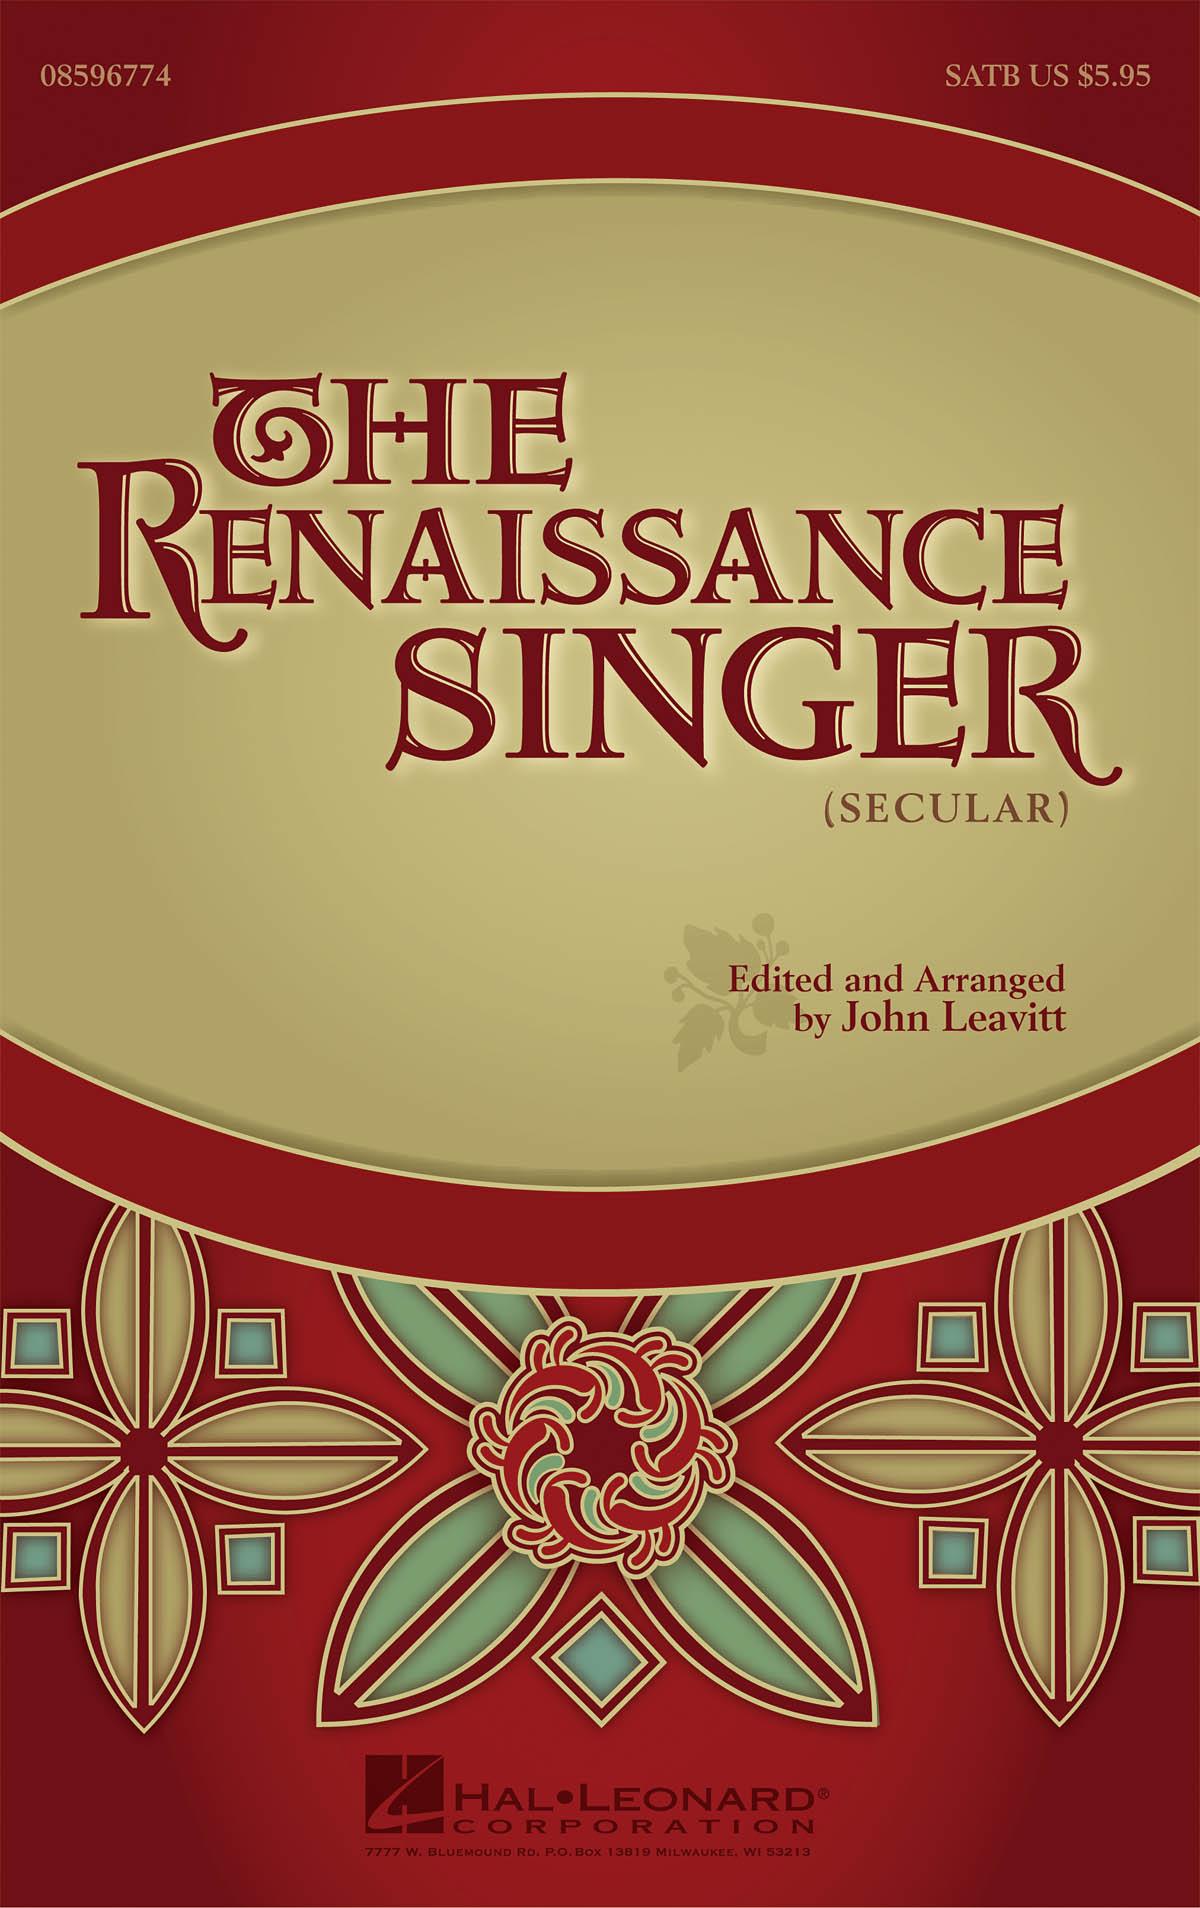 The Renaissance Singer: SATB: Score